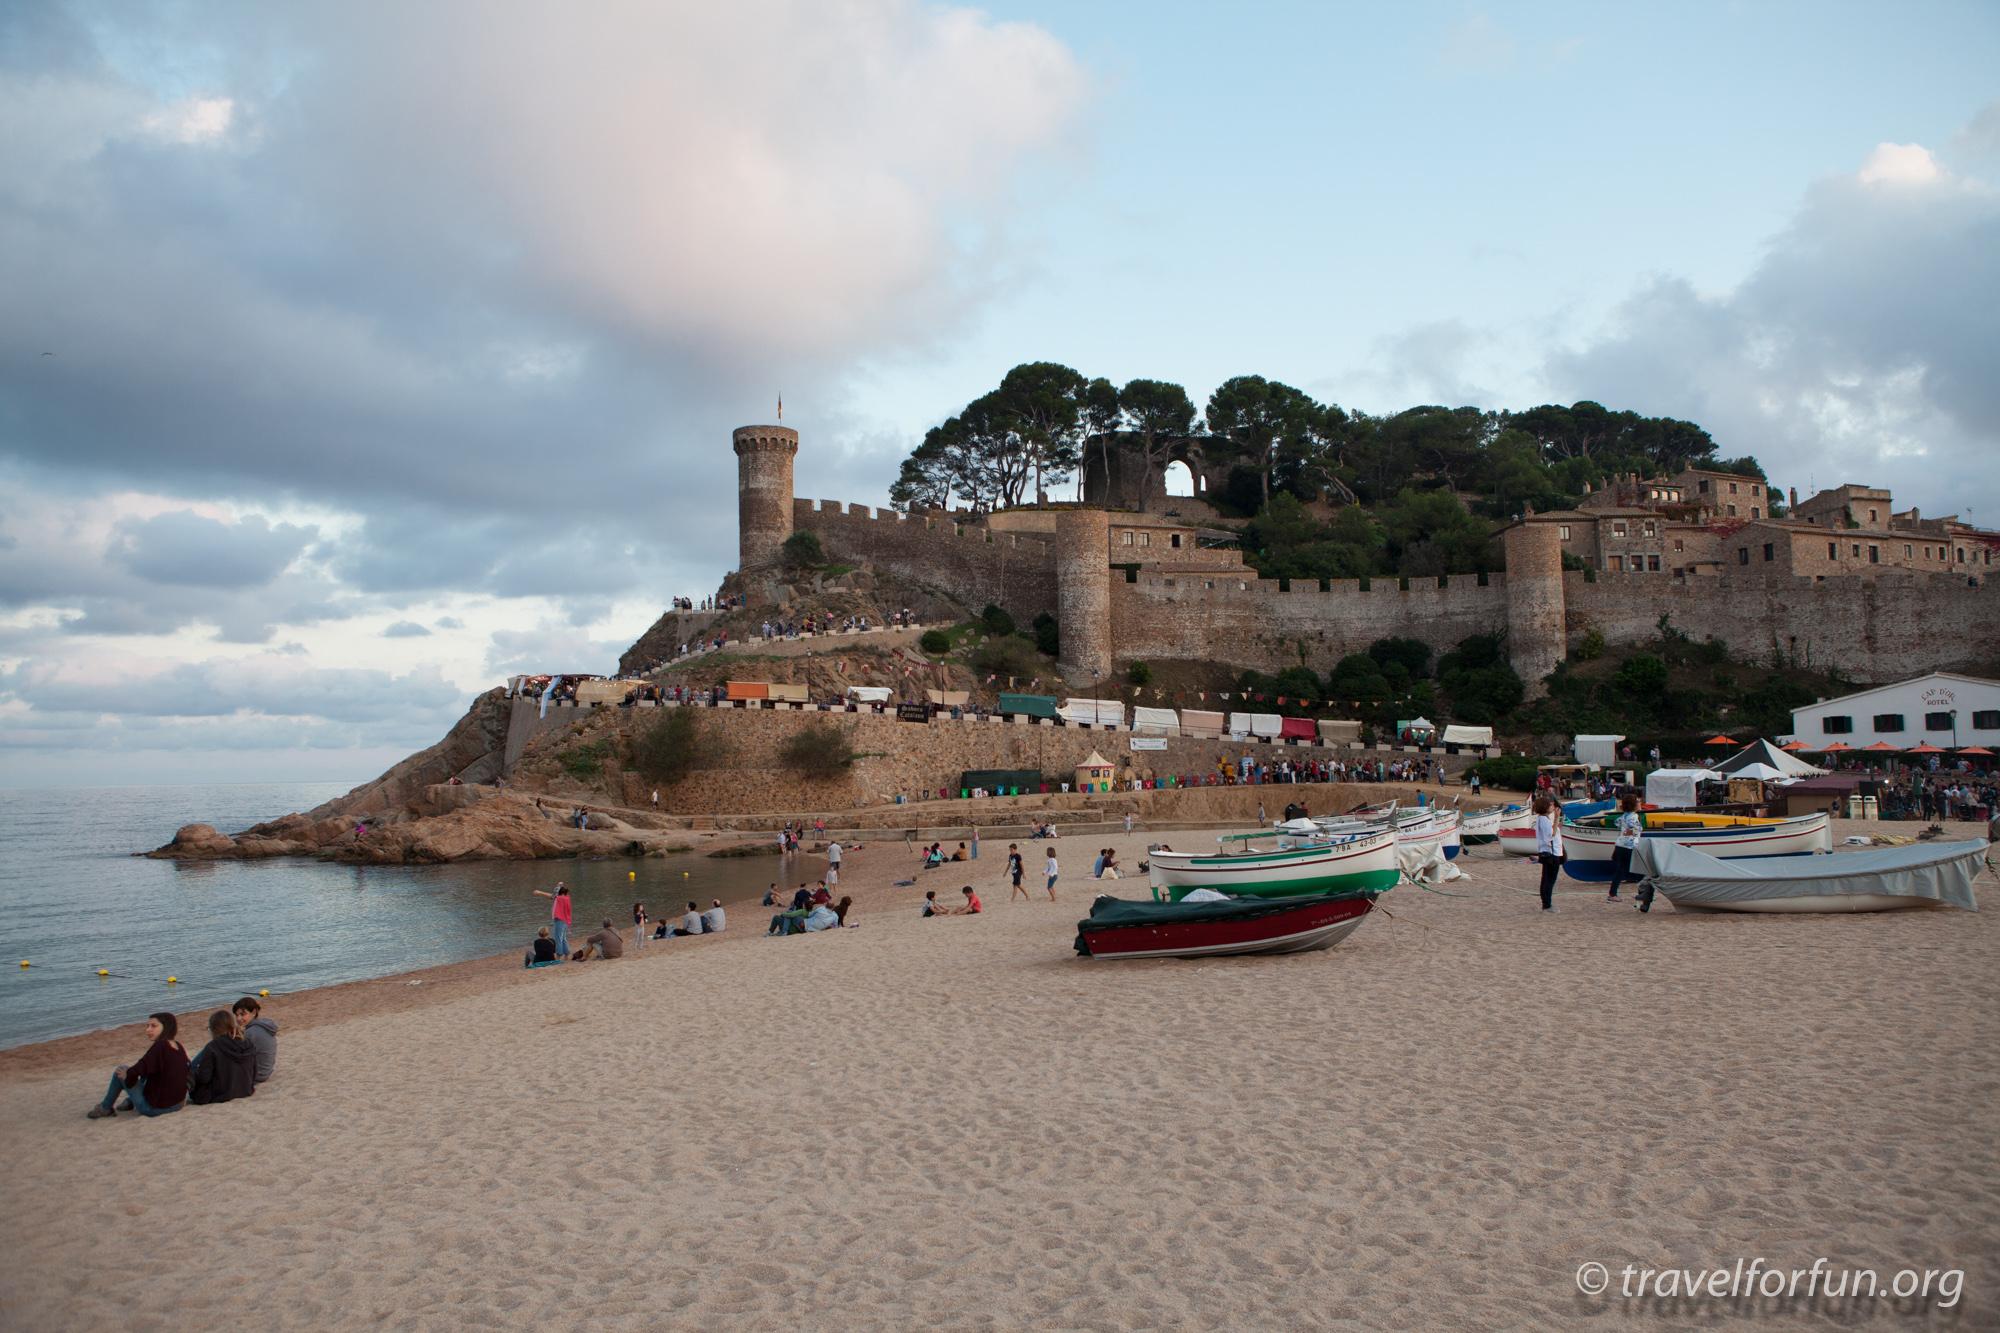 Тосса де Мар. Старый город, крепость, пляжи и средневековый фестиваль